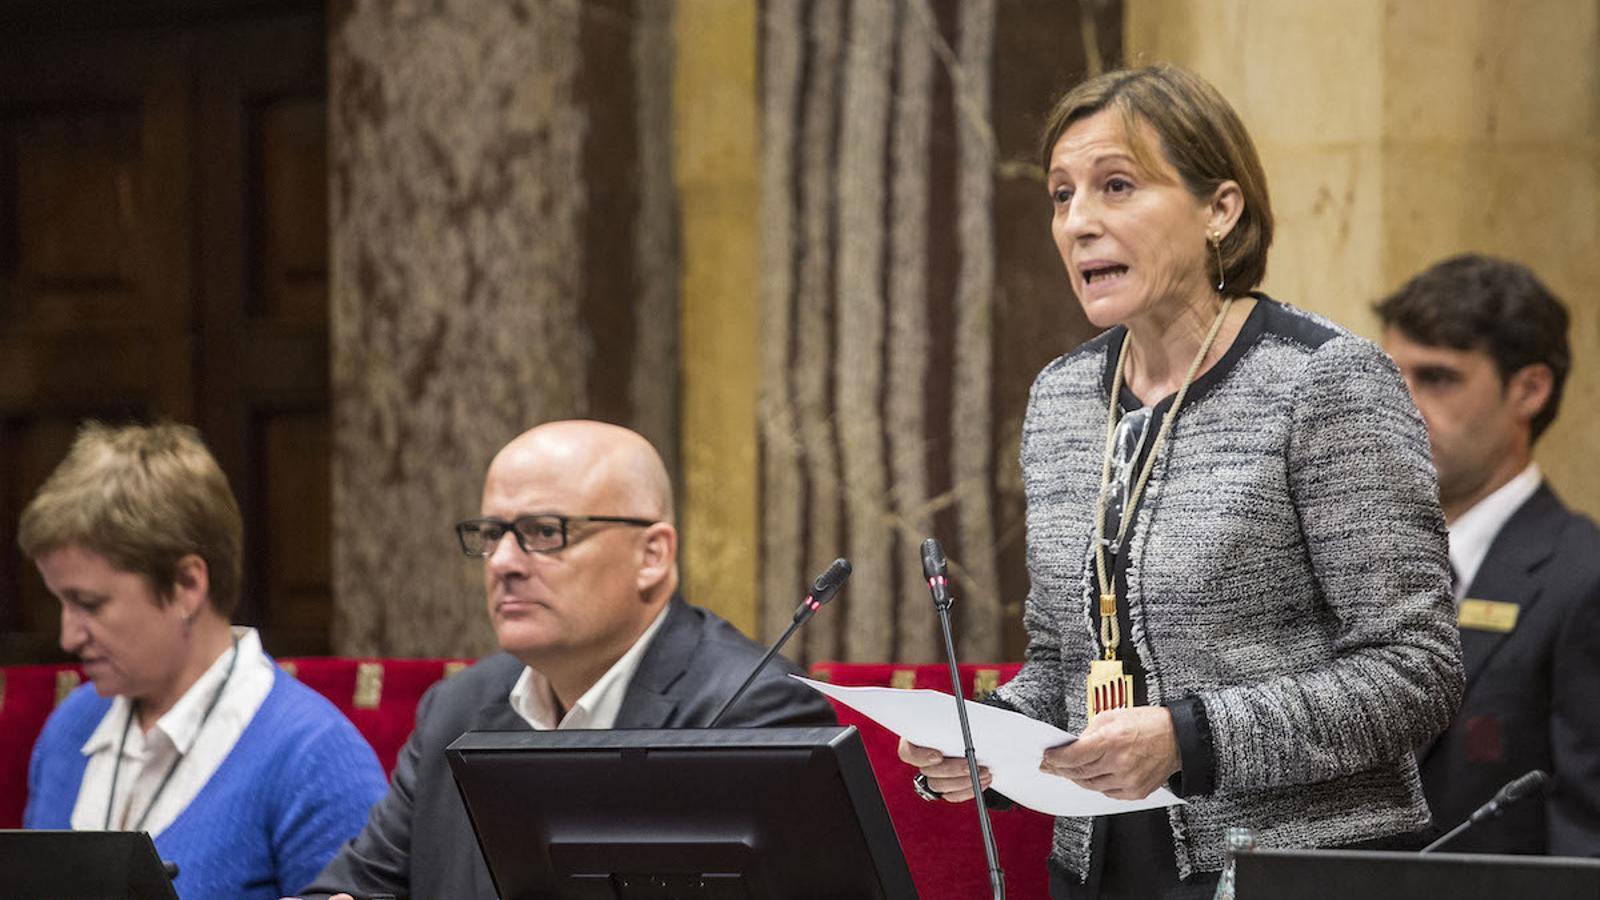 Carme Forcadell el dia que va prendre possessió del càrrec de presidenta del Parlament / PERE VIRGILI